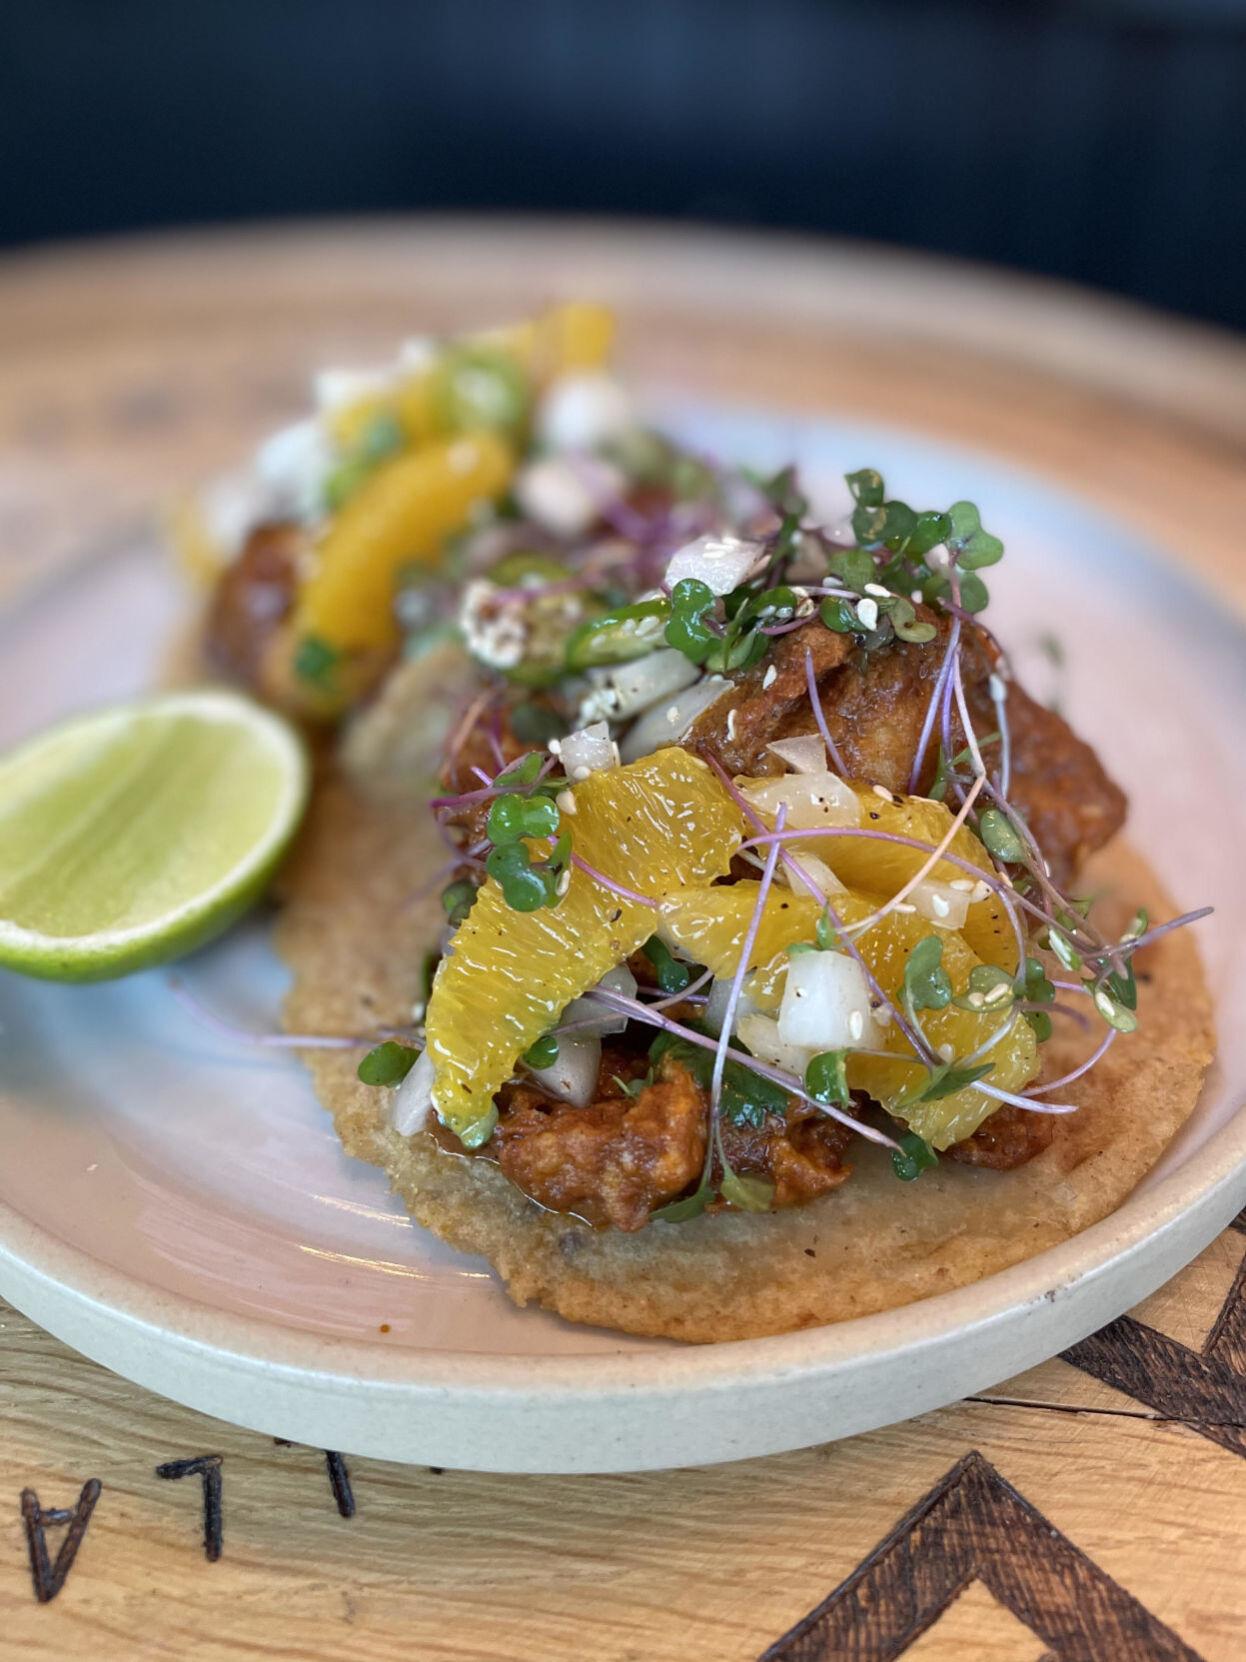 Cauliflower relleno tacos